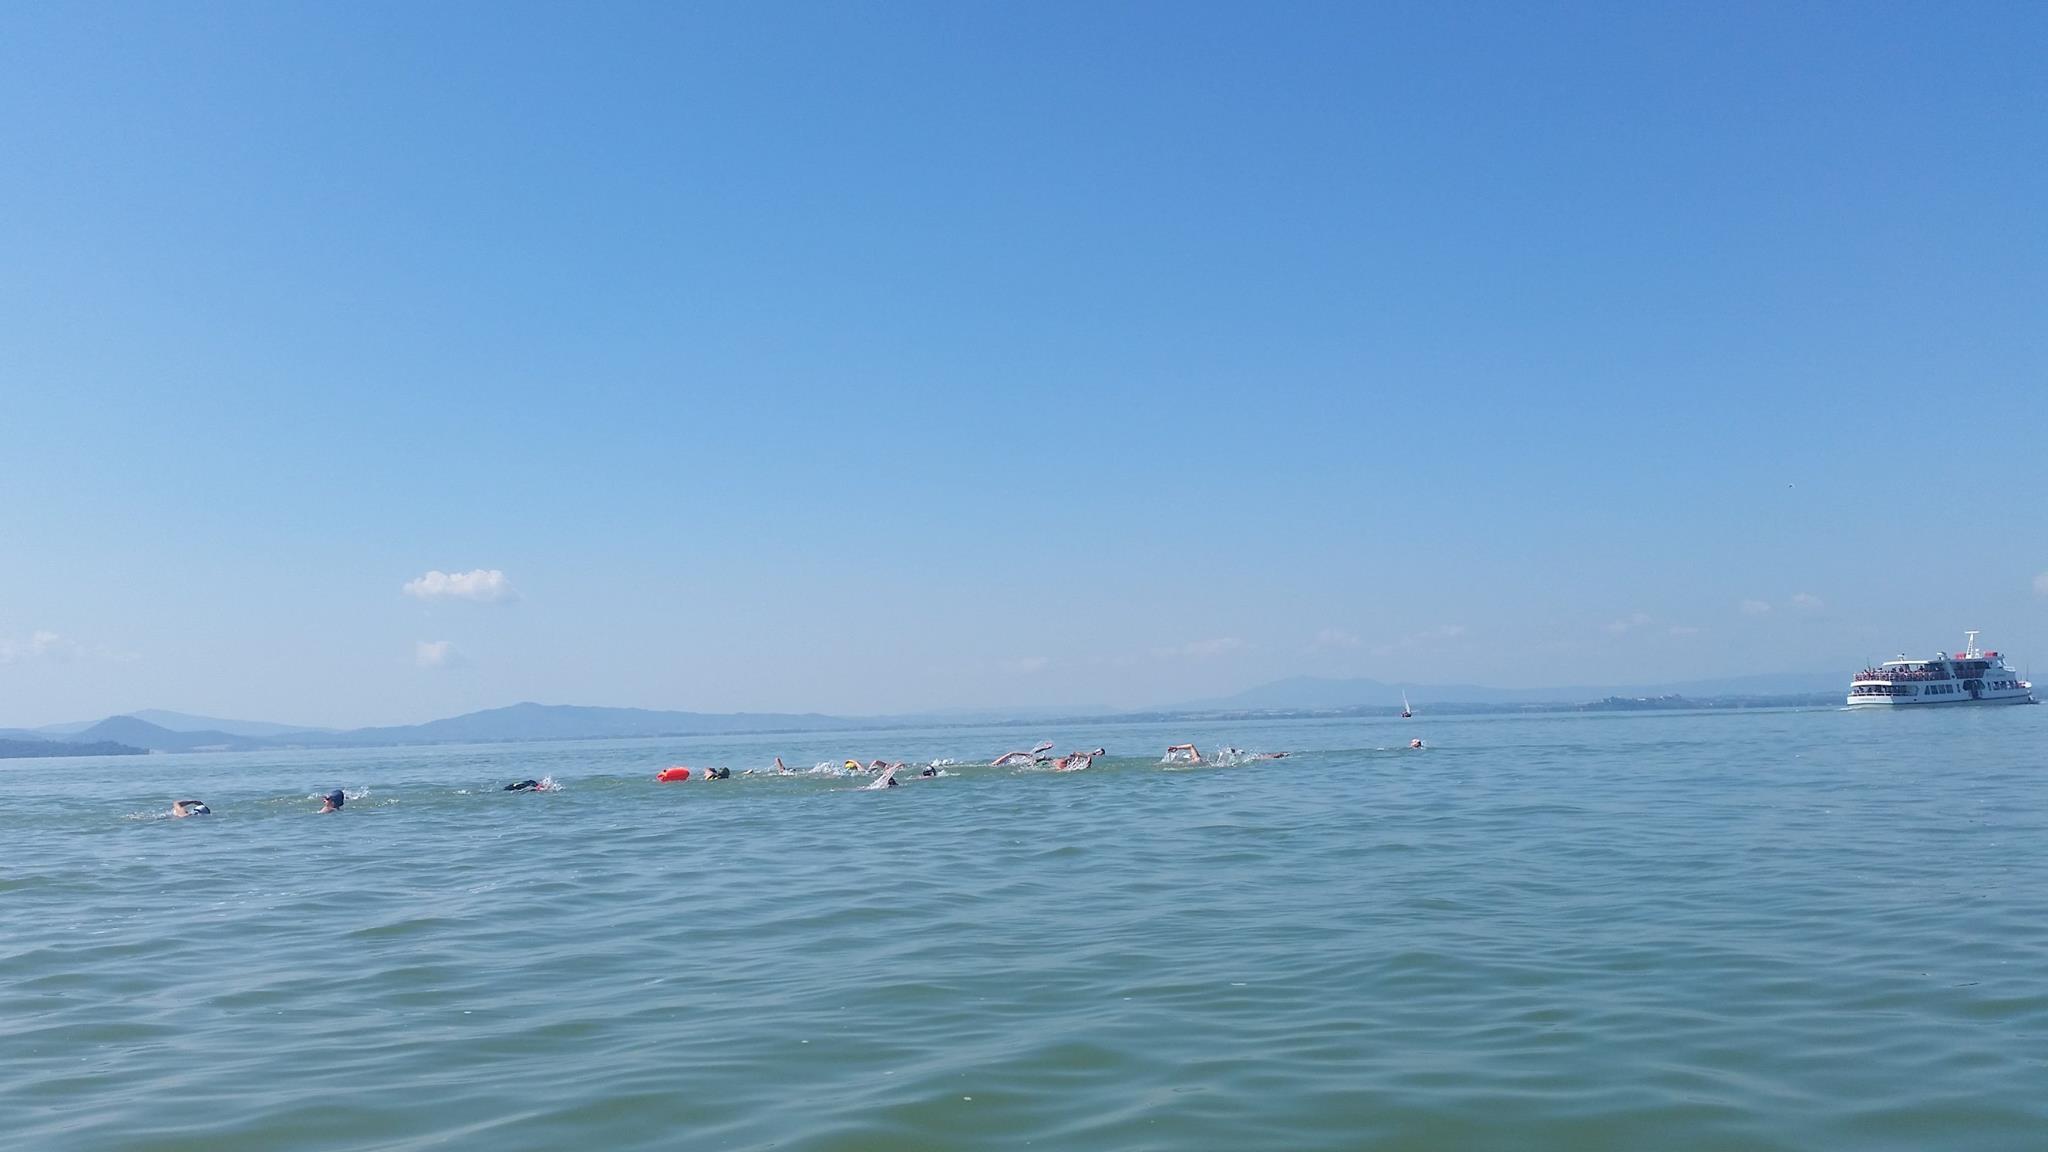 'Nuota il Trasimeno', un successo e una bella giornata di sport